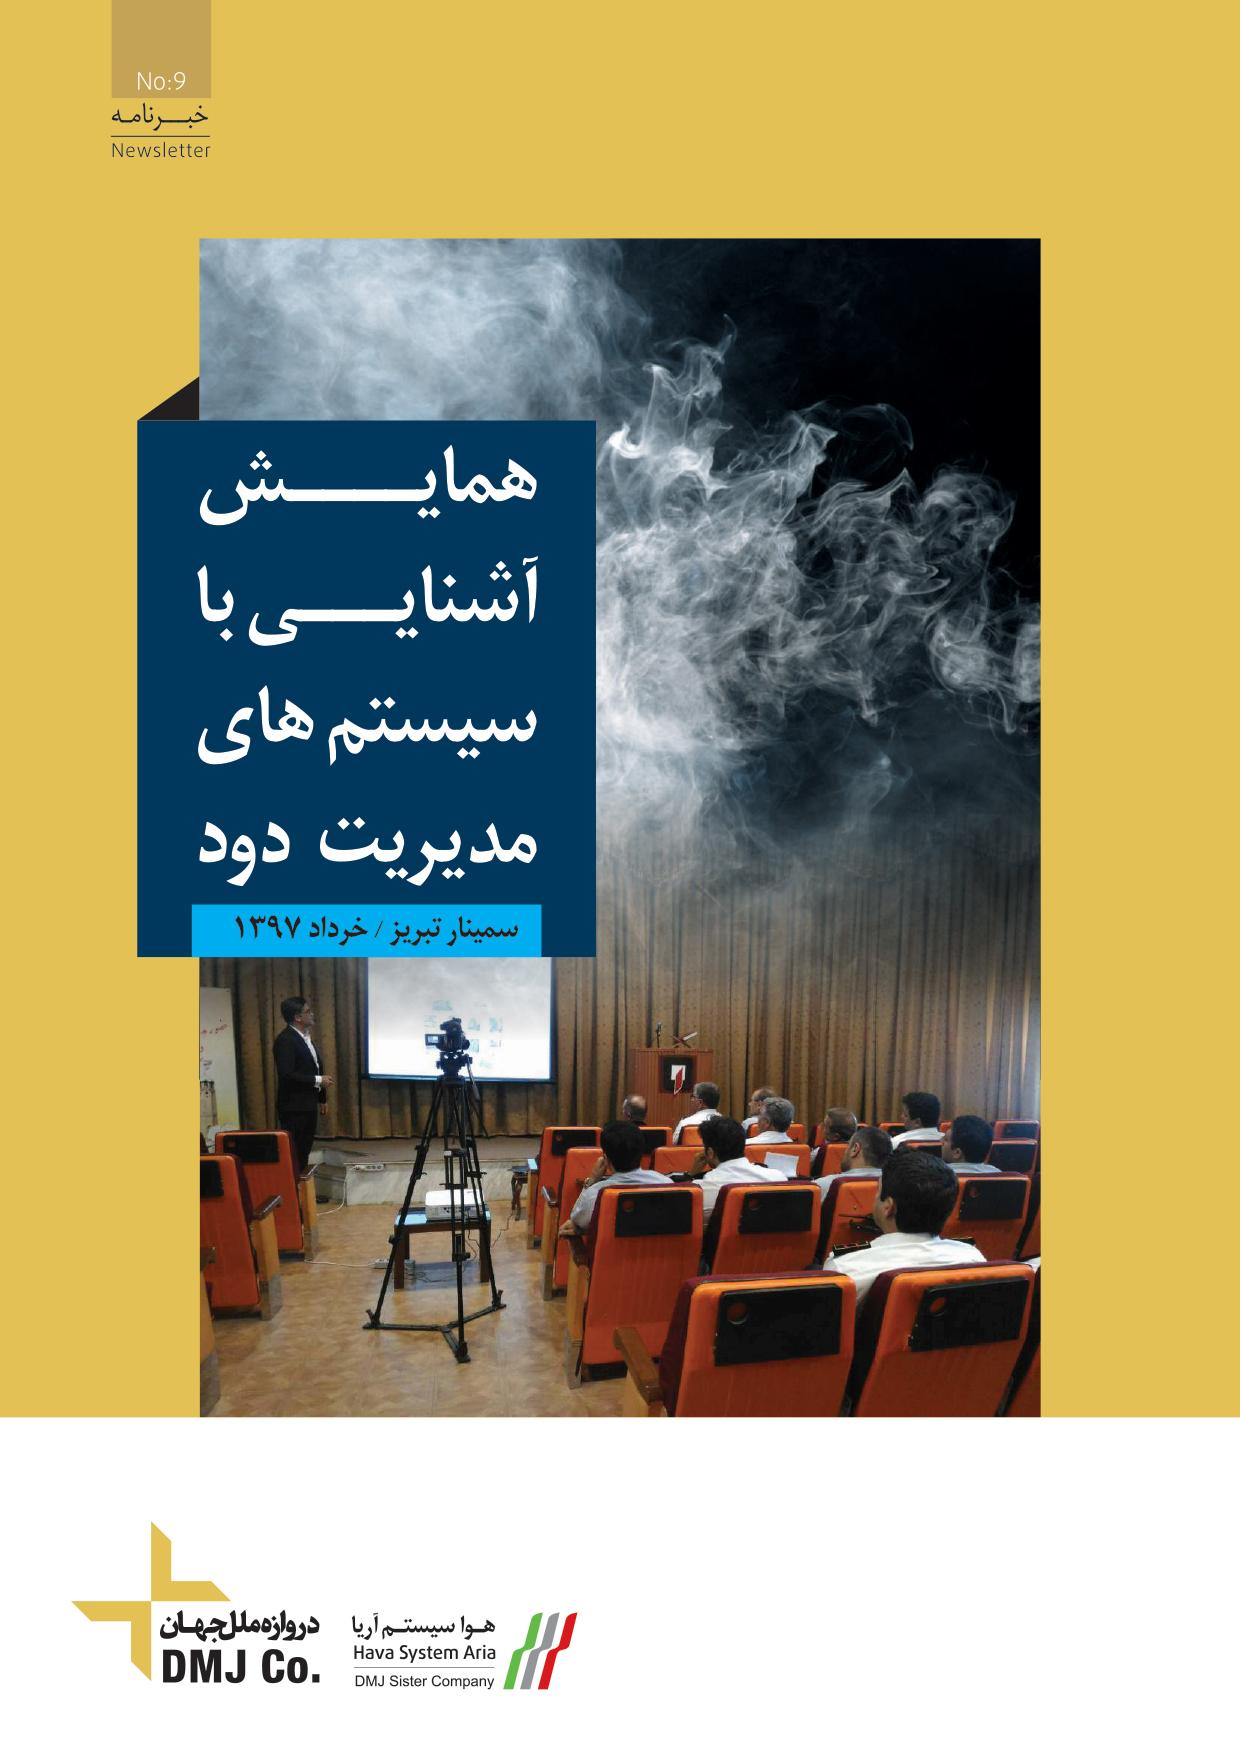 همایش آشنایی با سیستم های مدیریت دود (سمینار تبریز)